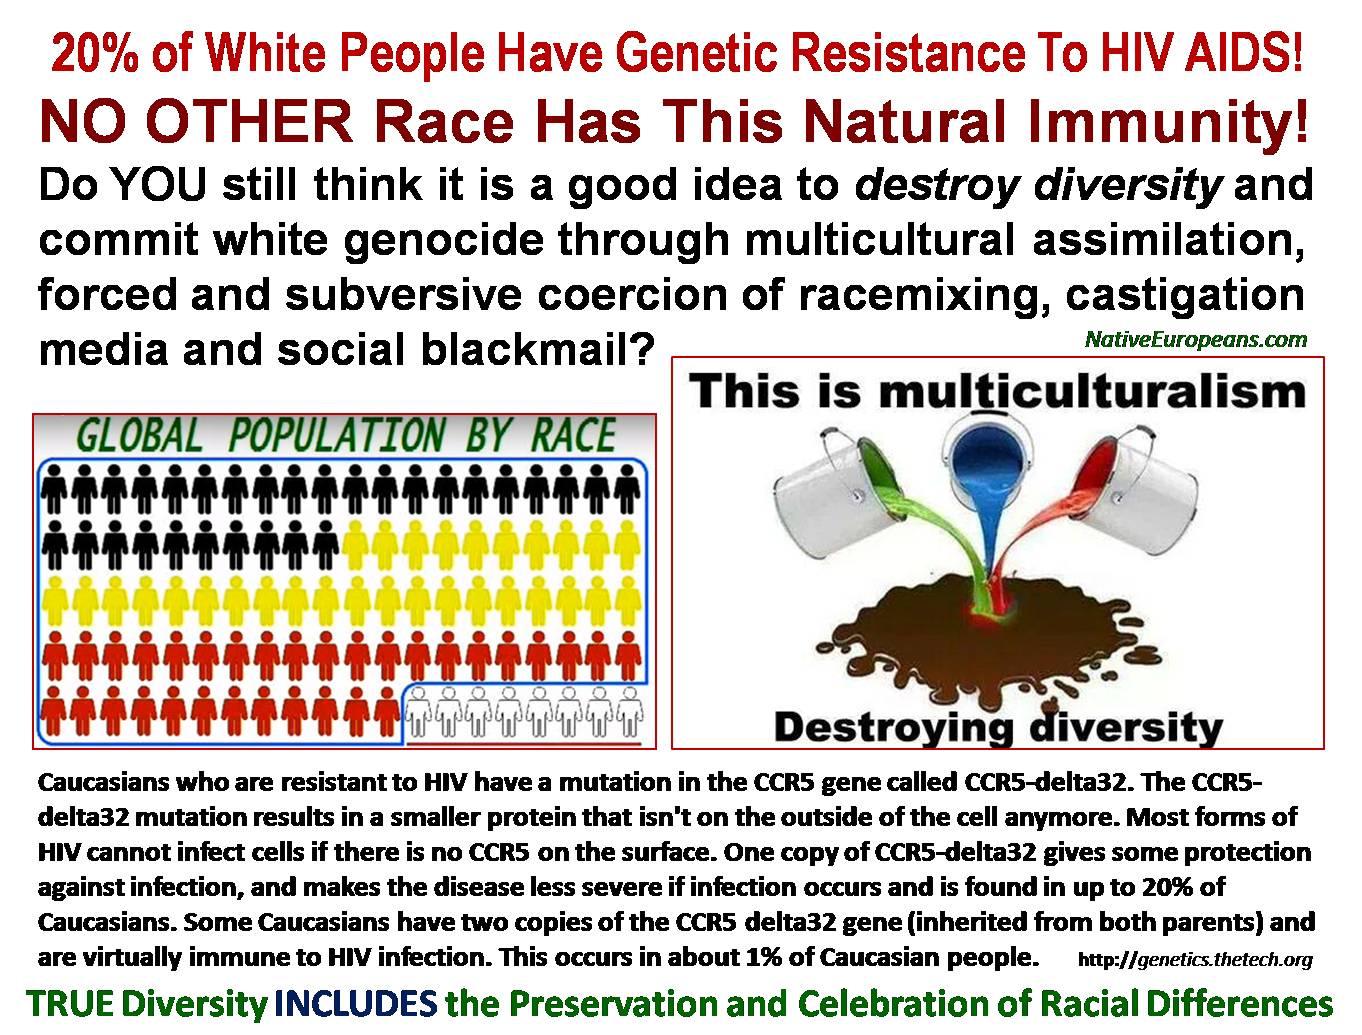 diversityaids1